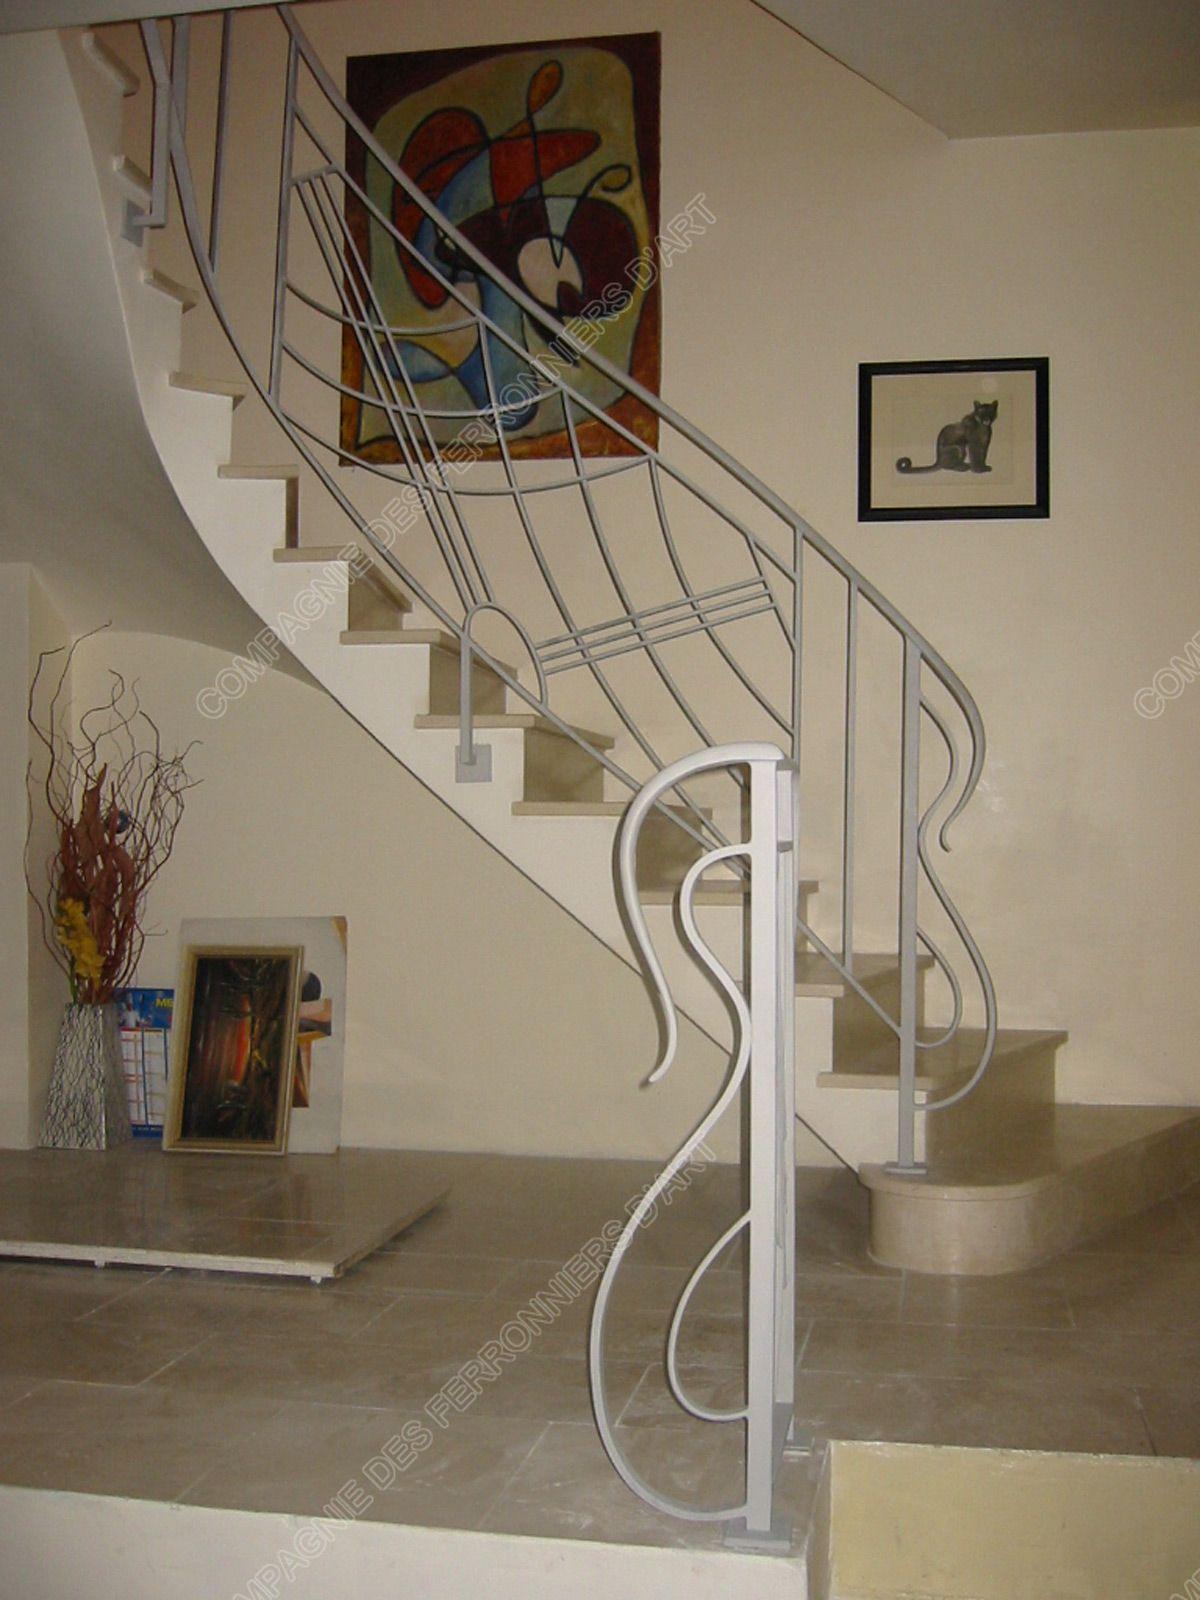 rampes design moderne maison pierre rampe d 39 escalier. Black Bedroom Furniture Sets. Home Design Ideas